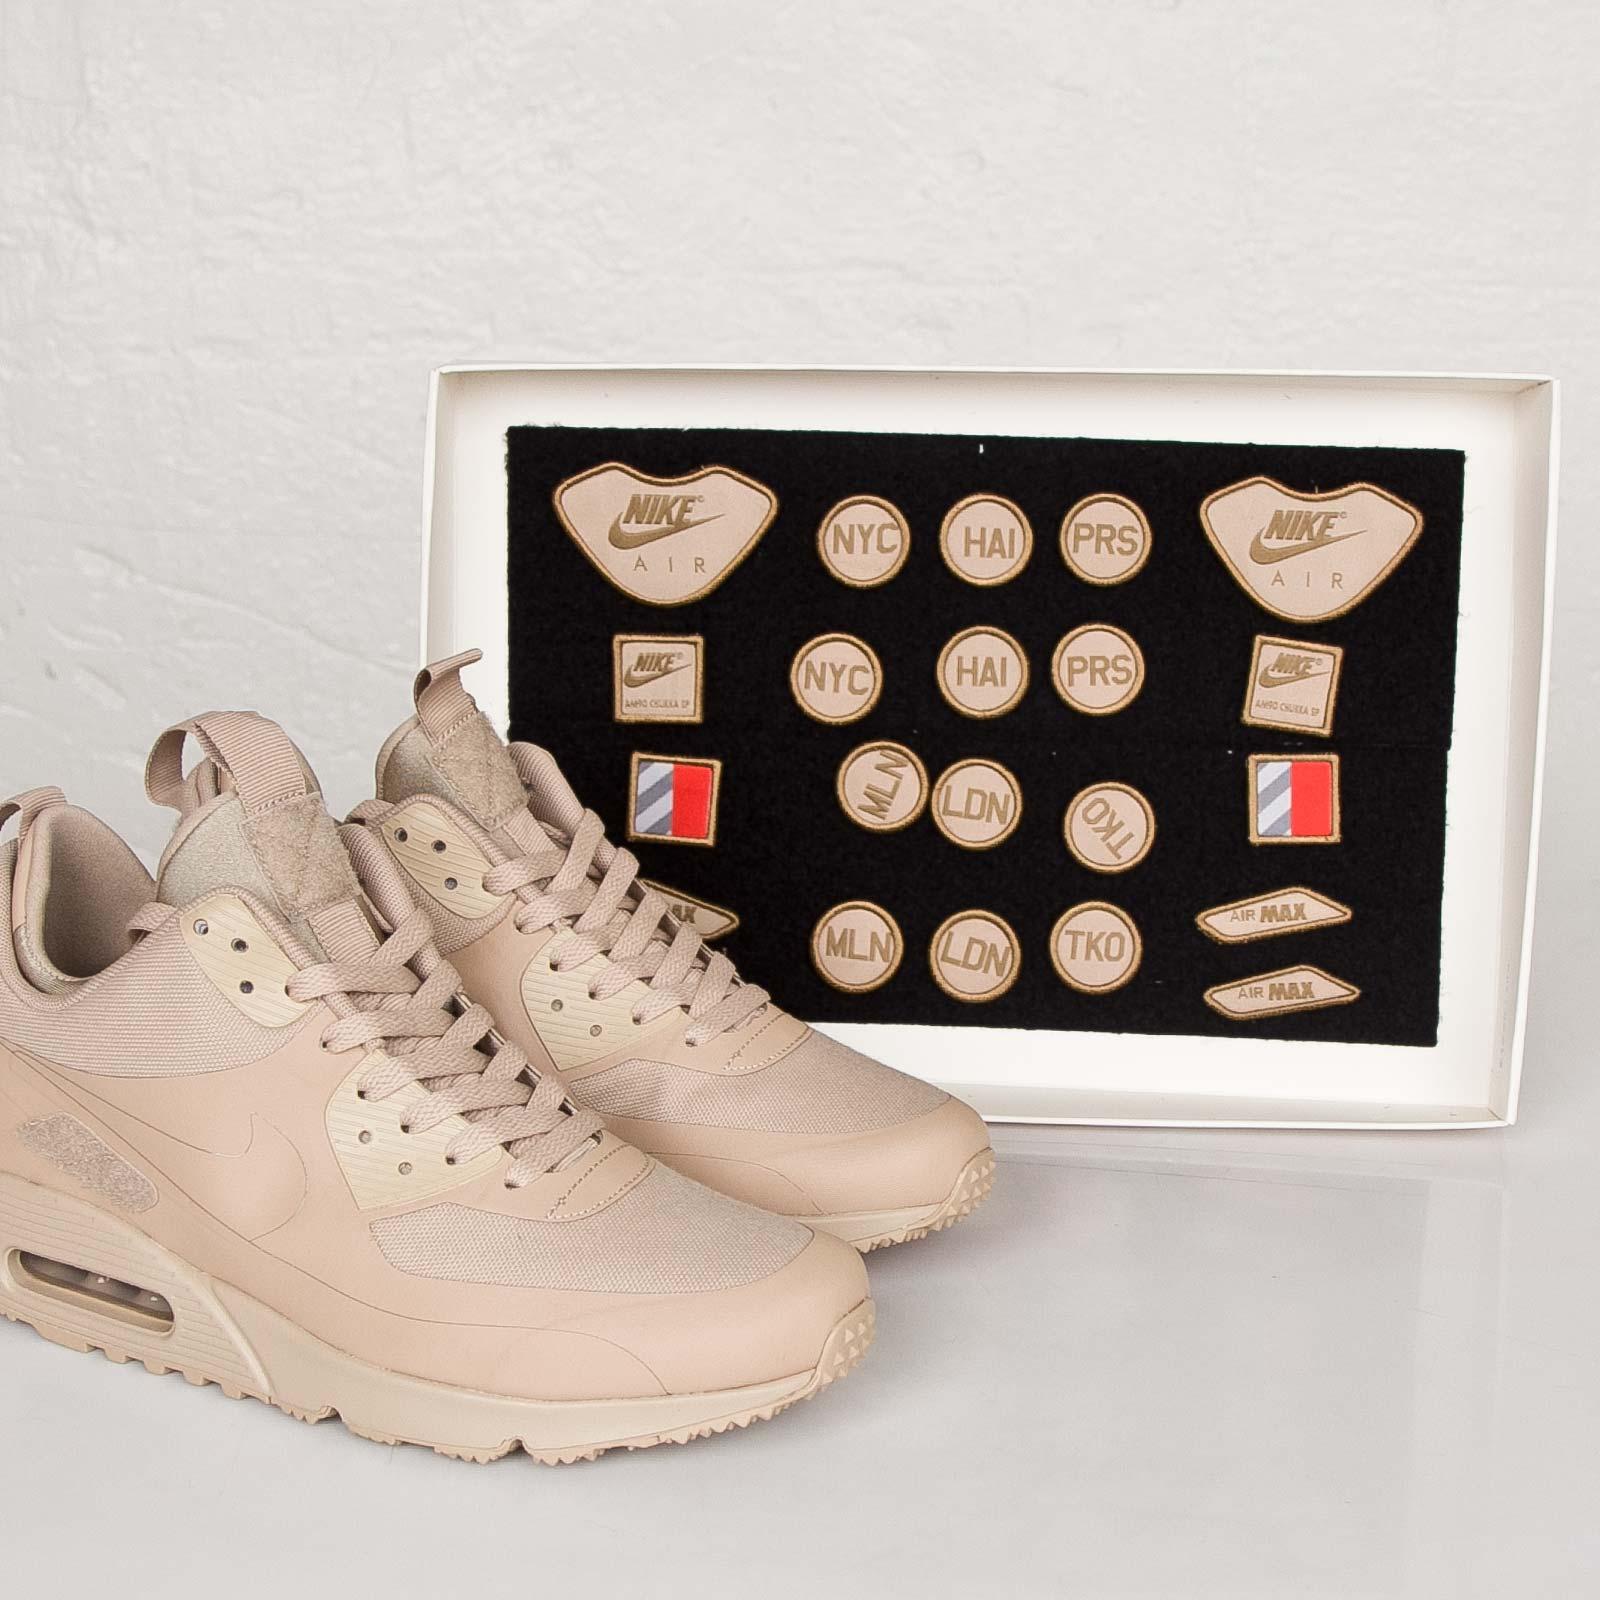 3d6a6efba8 Nike Air Max 90 Sneakerboot SP - 704570-200 - Sneakersnstuff | sneakers &  streetwear online since 1999